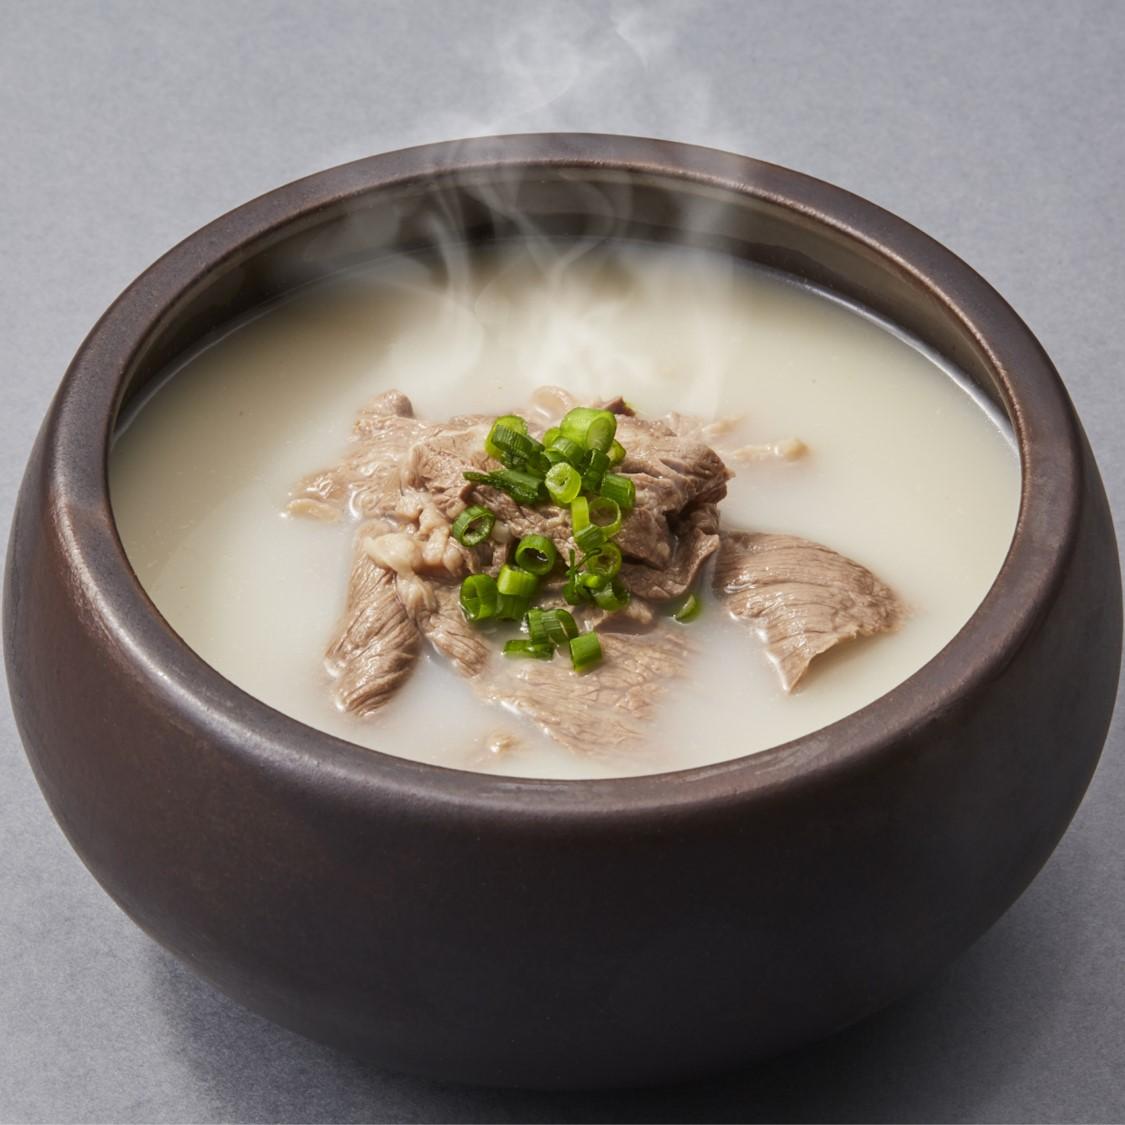 【冷凍】<韓美膳(ハンビジェ)>コムタンスープ(単品)